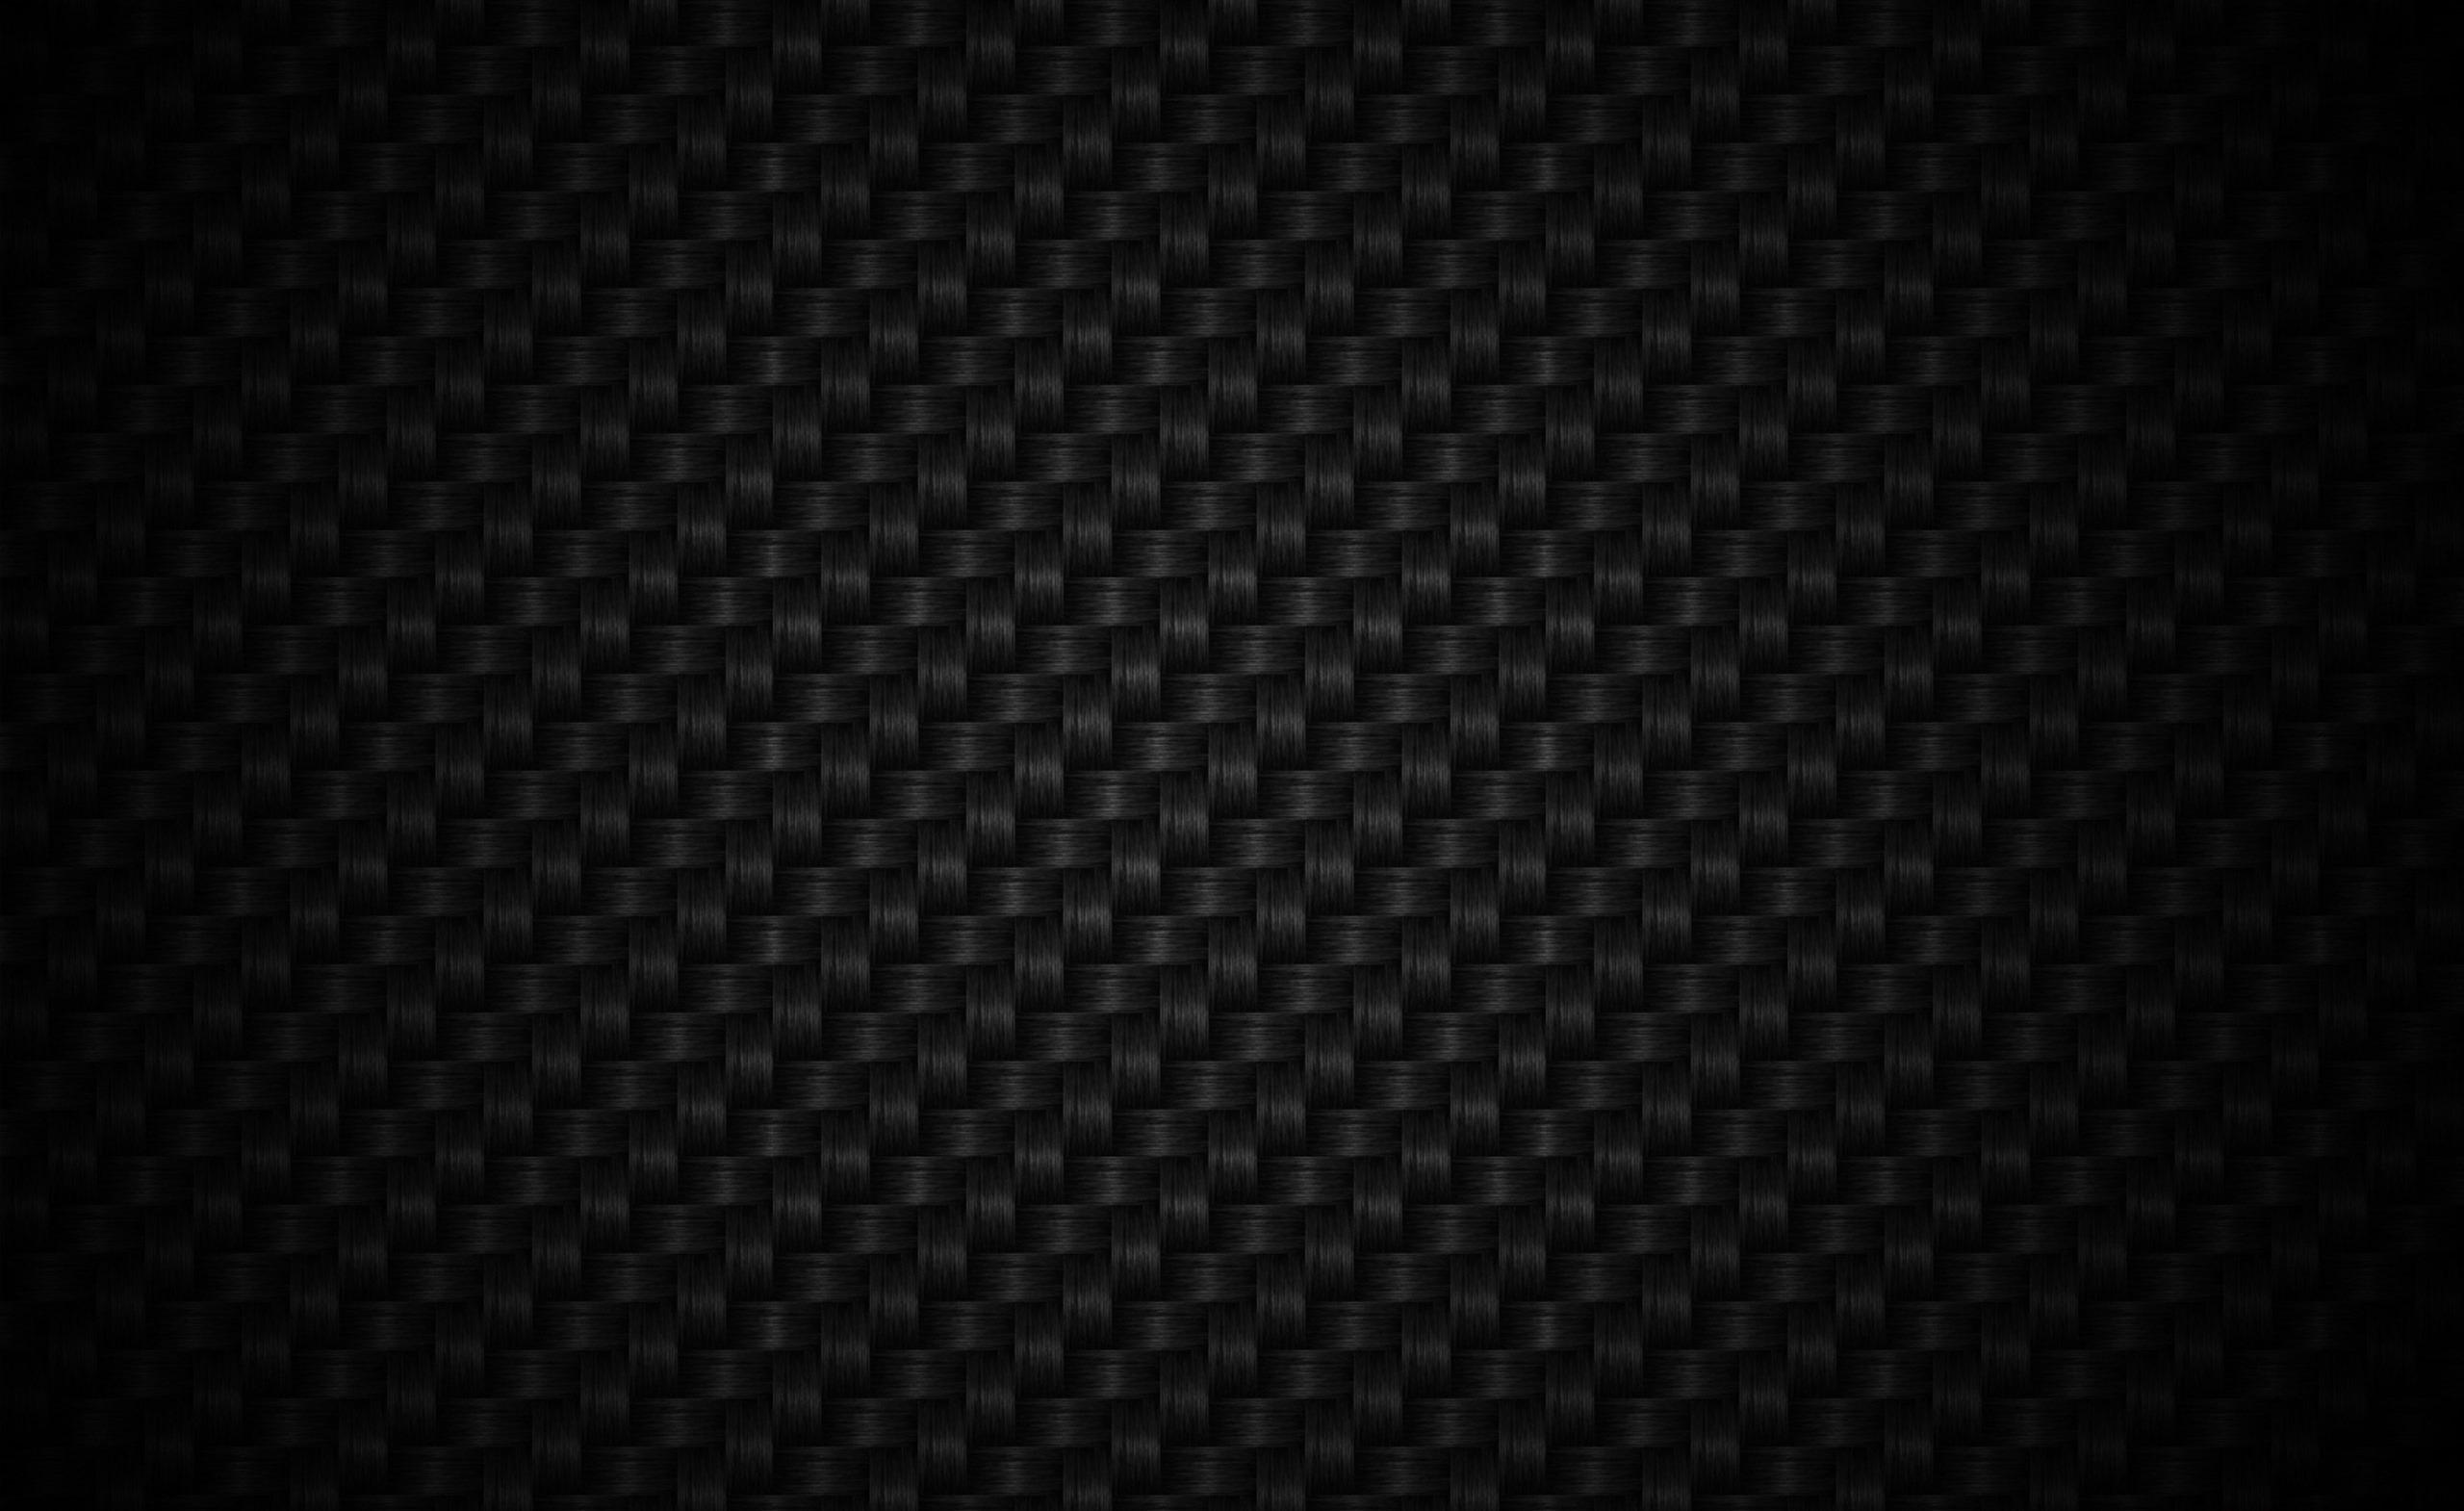 картинки черные на заставку